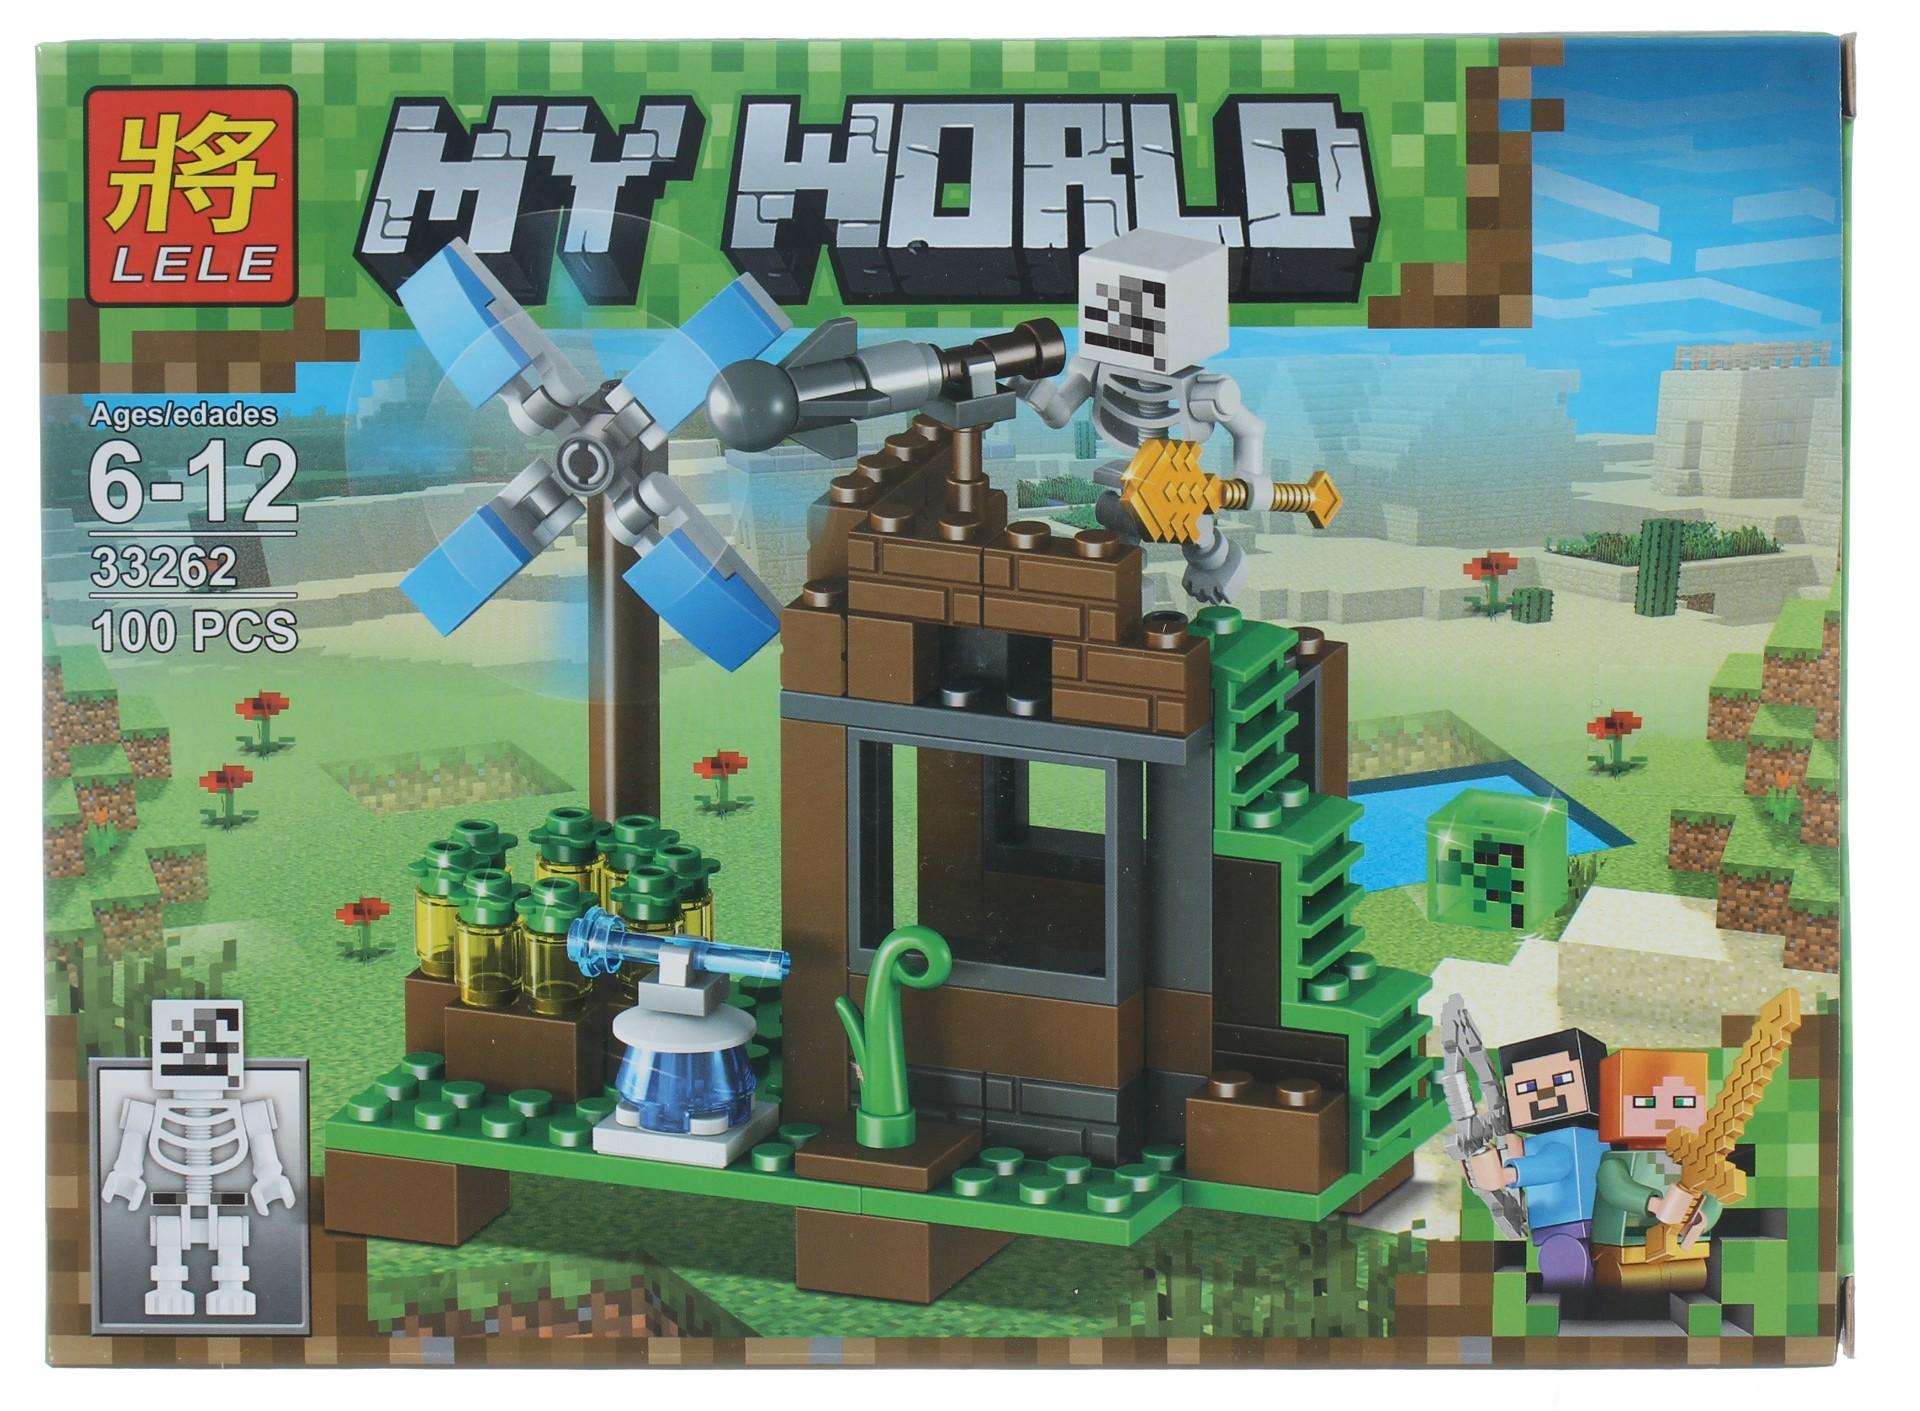 Суперпак конструкторов Minecraft «Убежище ведьмы» 33262 (Совместимый с ЛЕГО), 100 деталей